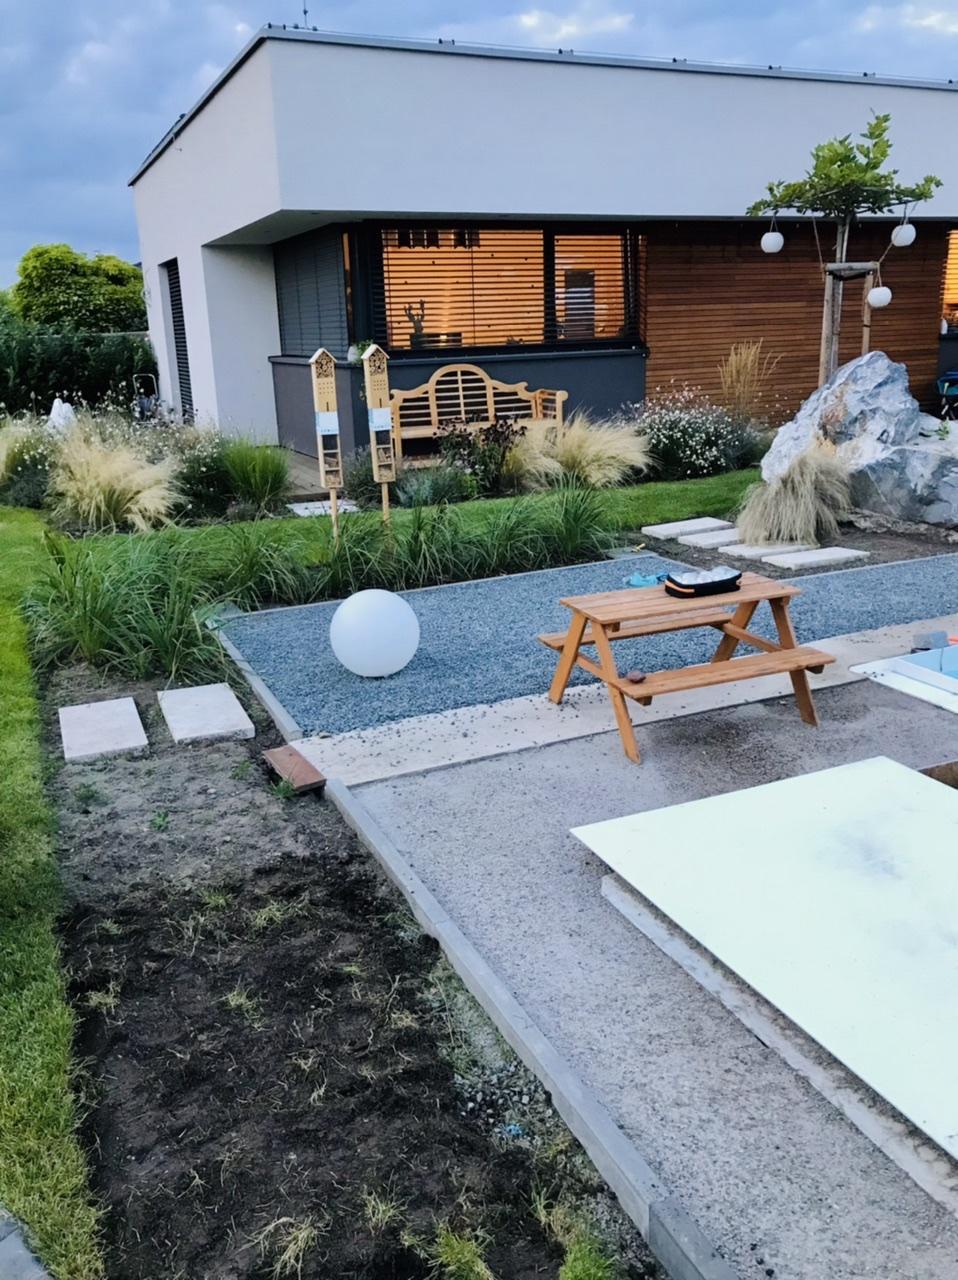 Naše L-ko - 2021 - stále dokončujeme - Zadná časť bazéna - odstraňujem posledné časti trávnika v okolí bazéna pre dokončenie záhona - pokračovať tu bude rovnaký typ okrasnej trávy ako na rohu... náhodne sa do nich doplní hlavne okolo nášlapov ružová kyprej... Trávy budu tvorit zátišie  a prekrývat z isteho uhla zastrešenie bazéna.